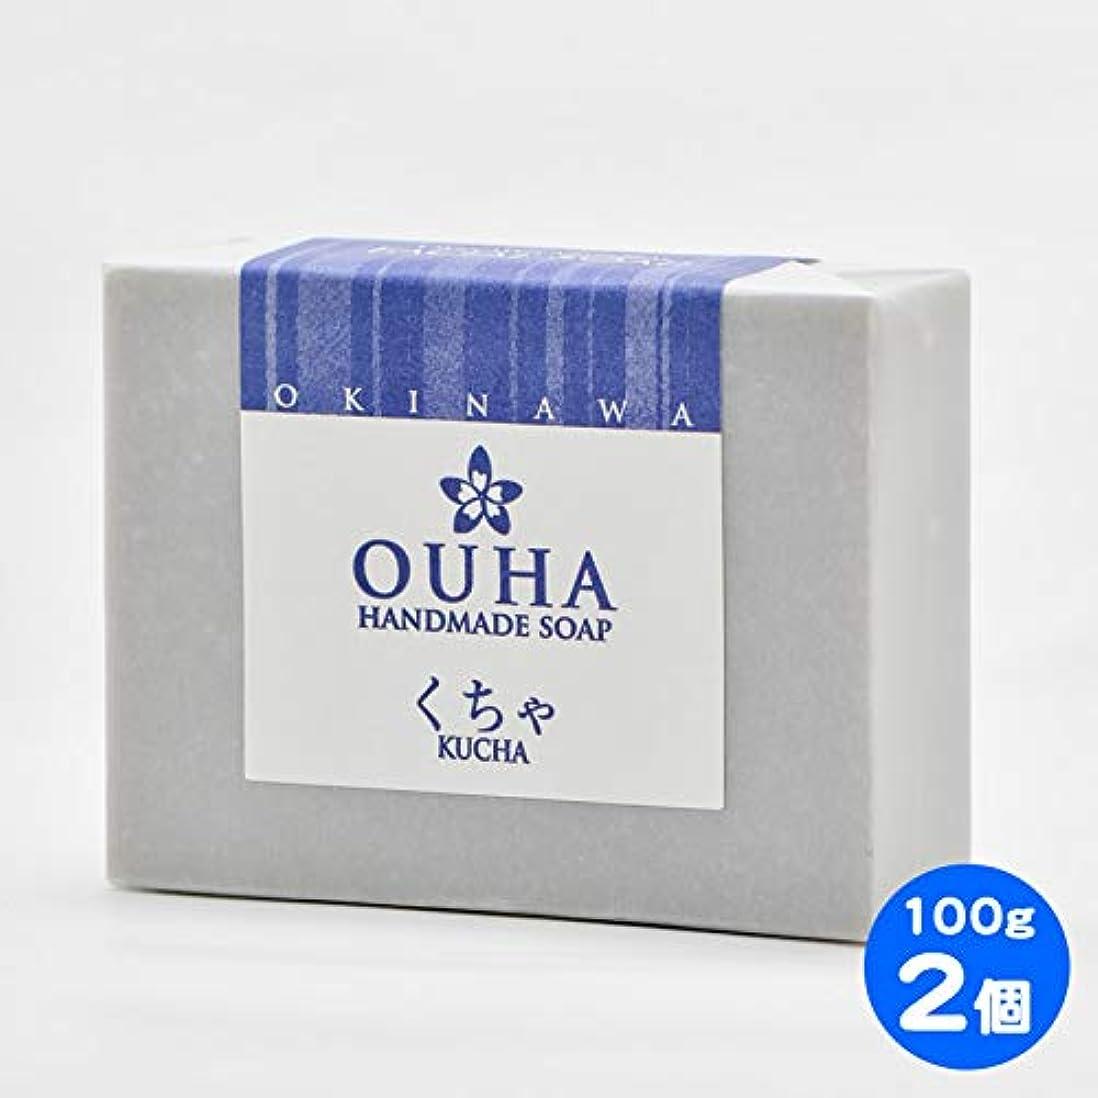 ずっと添加紳士【送料無料 定形外郵便】沖縄県産 OUHAソープ くちゃ 石鹸 100g 2個セット